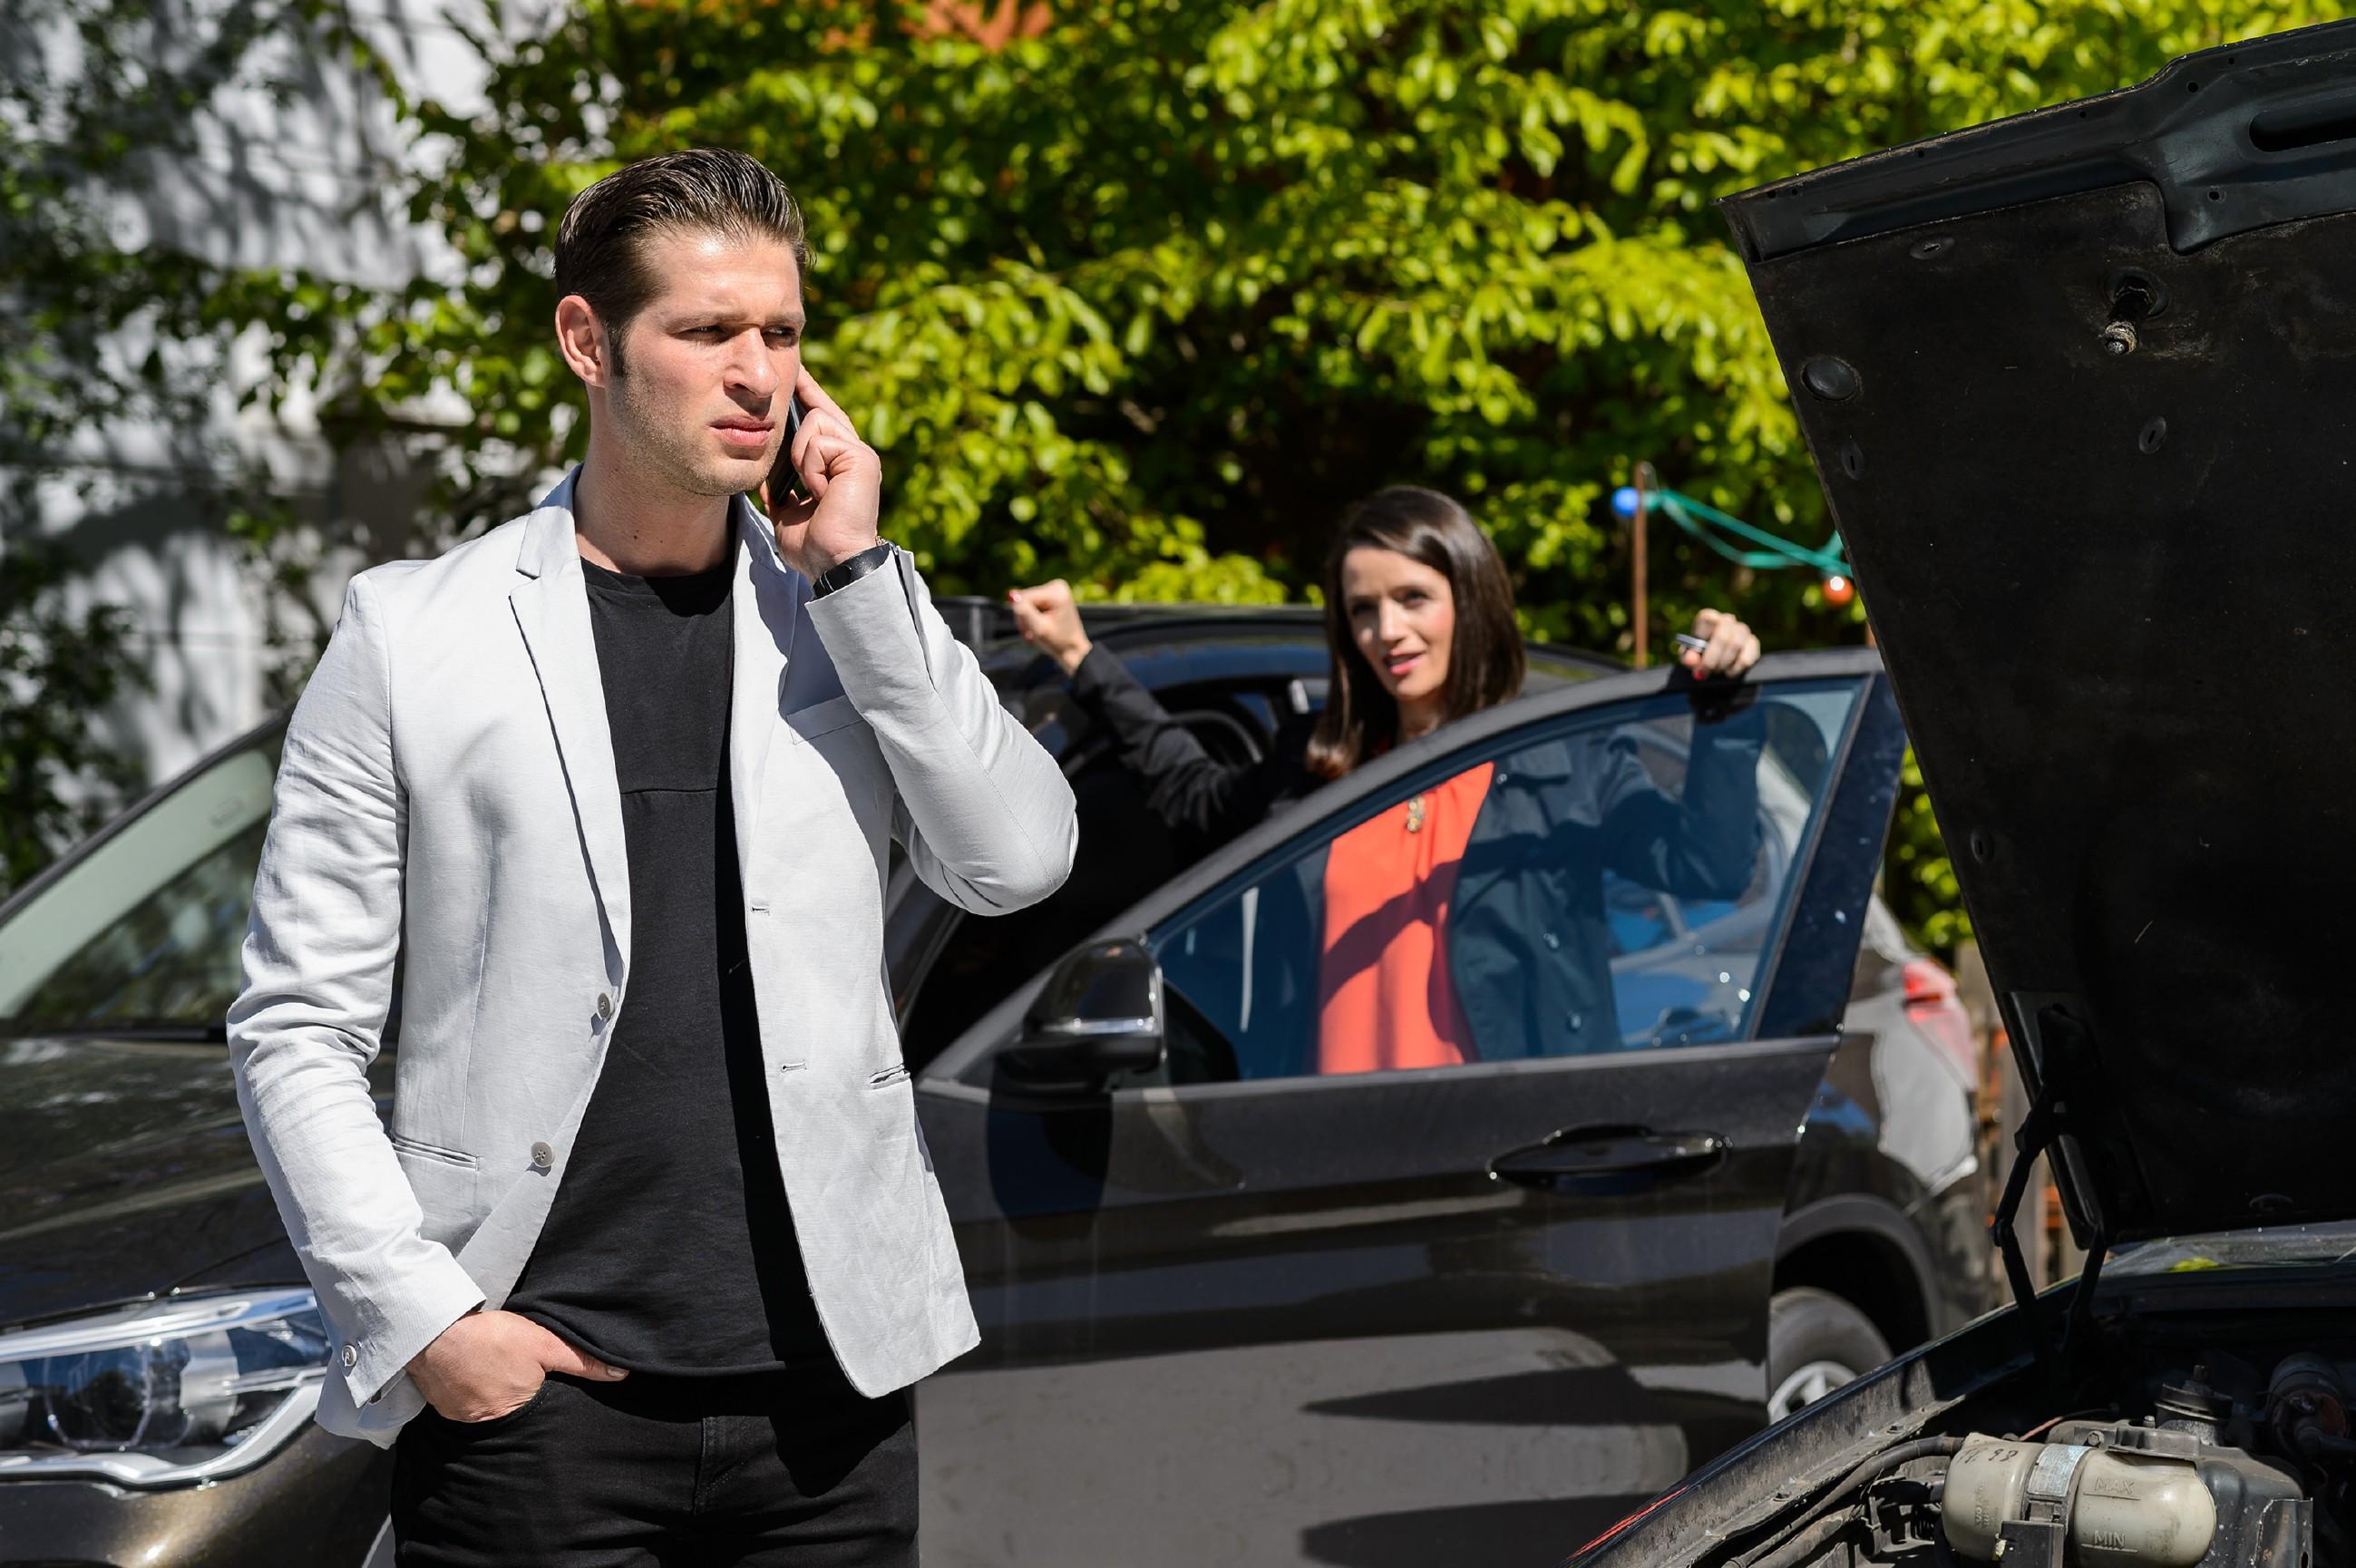 Als Deniz' (Igor Dolgatschew) Auto den Geist aufgibt und wegen einer Messe keine Taxis verfügbar sind, macht Jenny (Kaja Schmidt-Tychsen) gezwungenermaßen einen Schritt auf ihn zu und bietet ihm an, ihn mitzunehmen. (Quelle: RTL / Willi Weber)